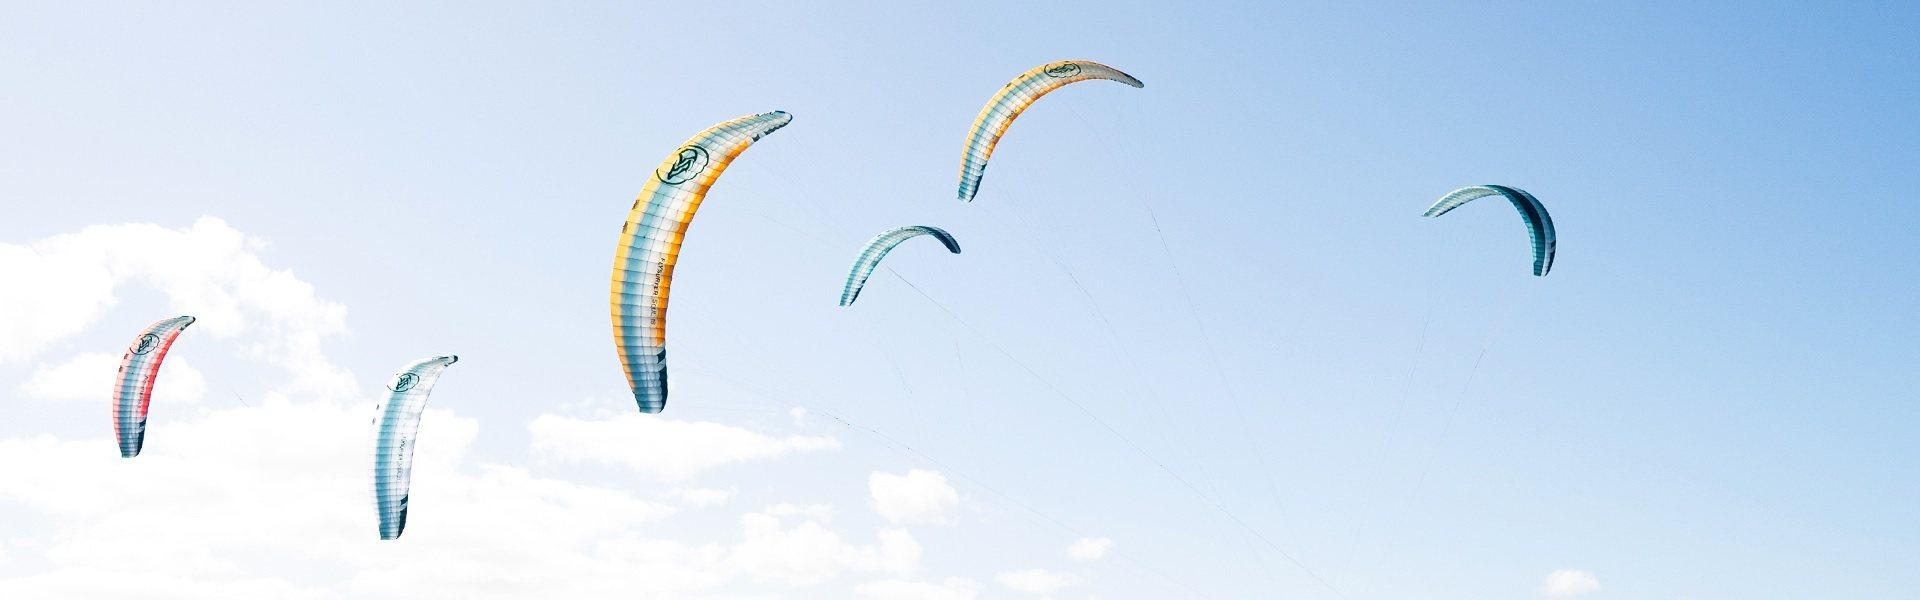 Flysurfer Soul2